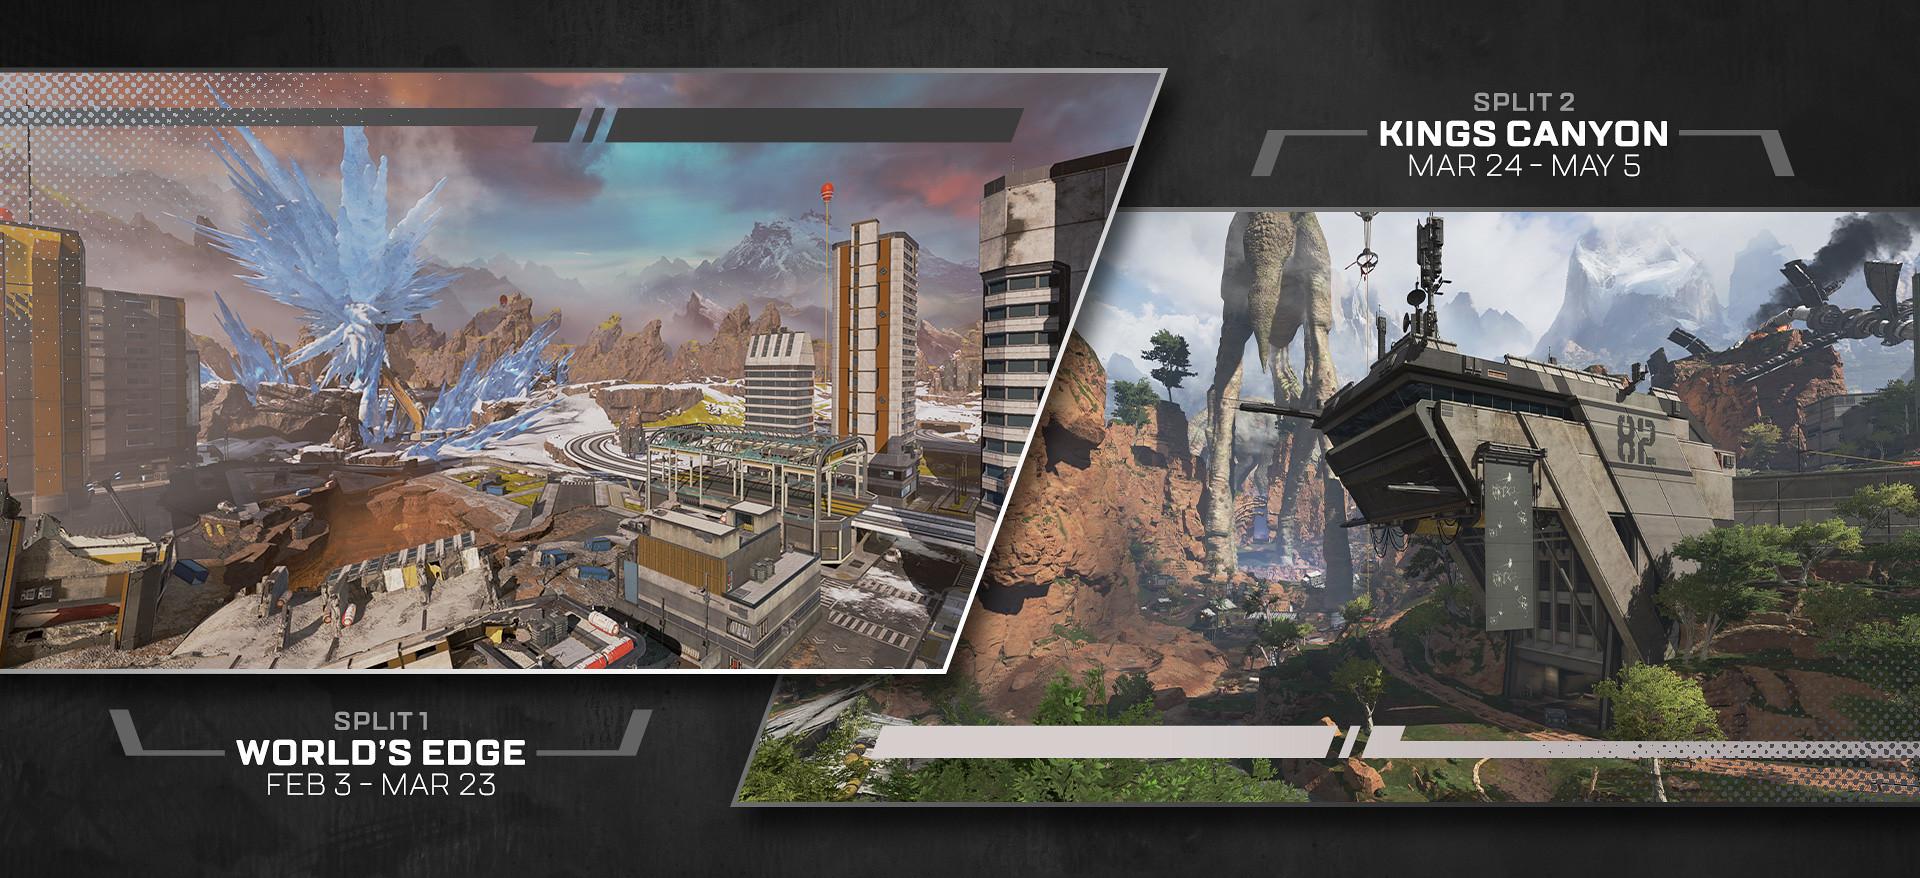 49462145767 44eef91979 k - Apex Legends Saison 4 startet am Dienstag: Neue Charaktere, Waffen und mehr im Detail